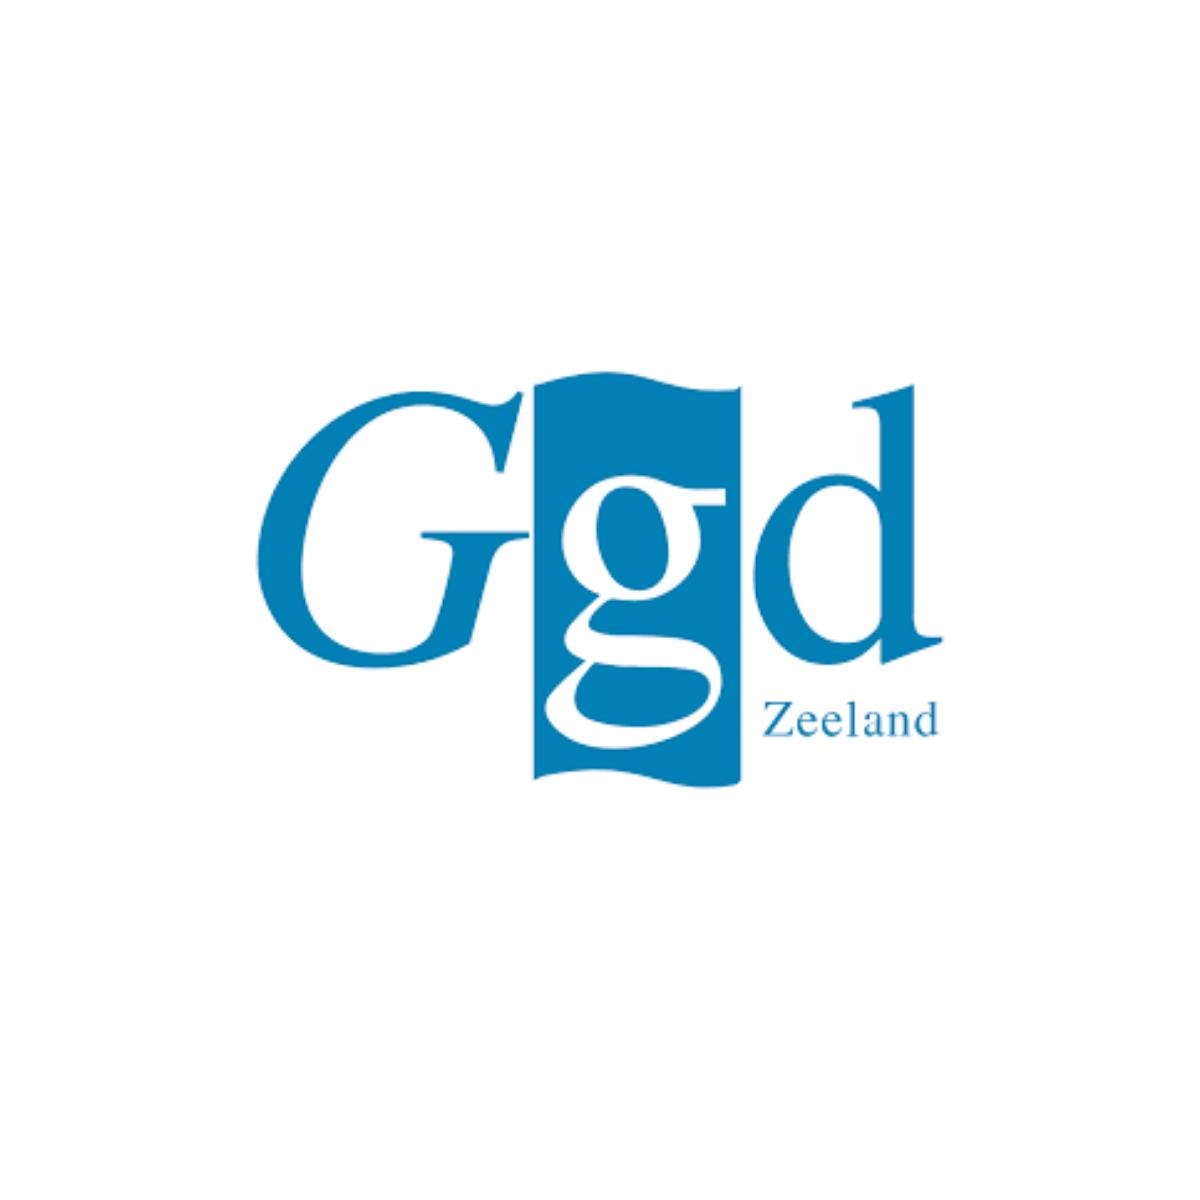 GGD Zeeland